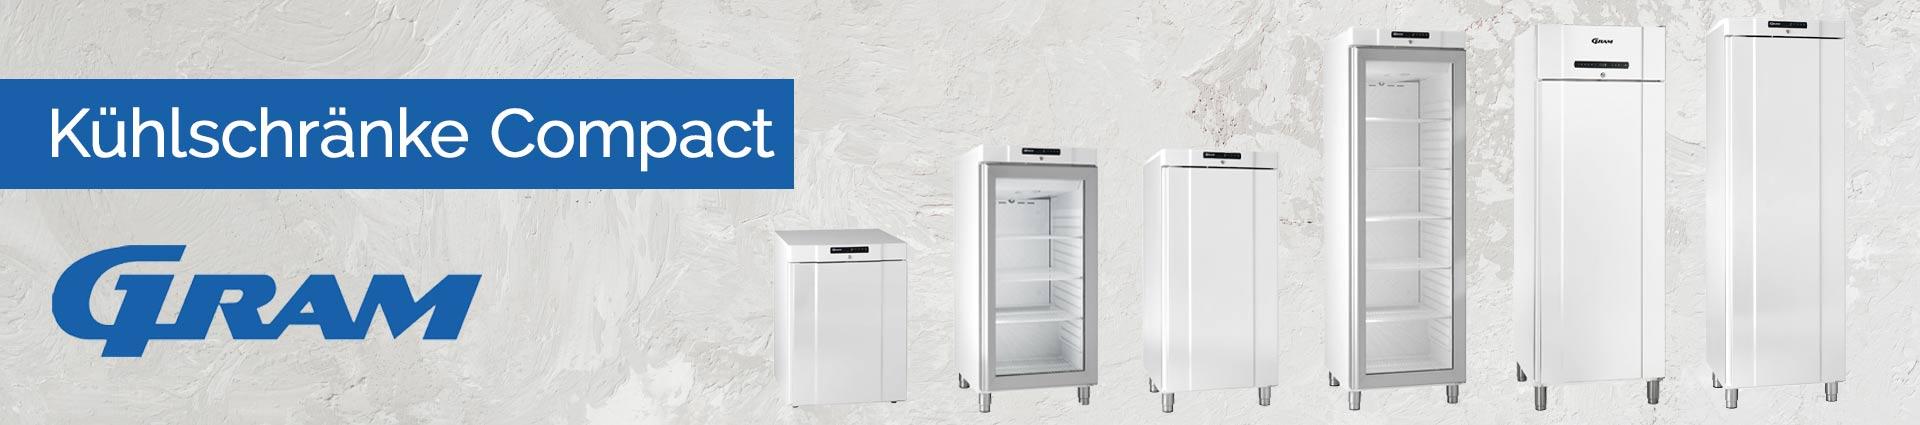 GRAM Kühlschränke Compact Banner